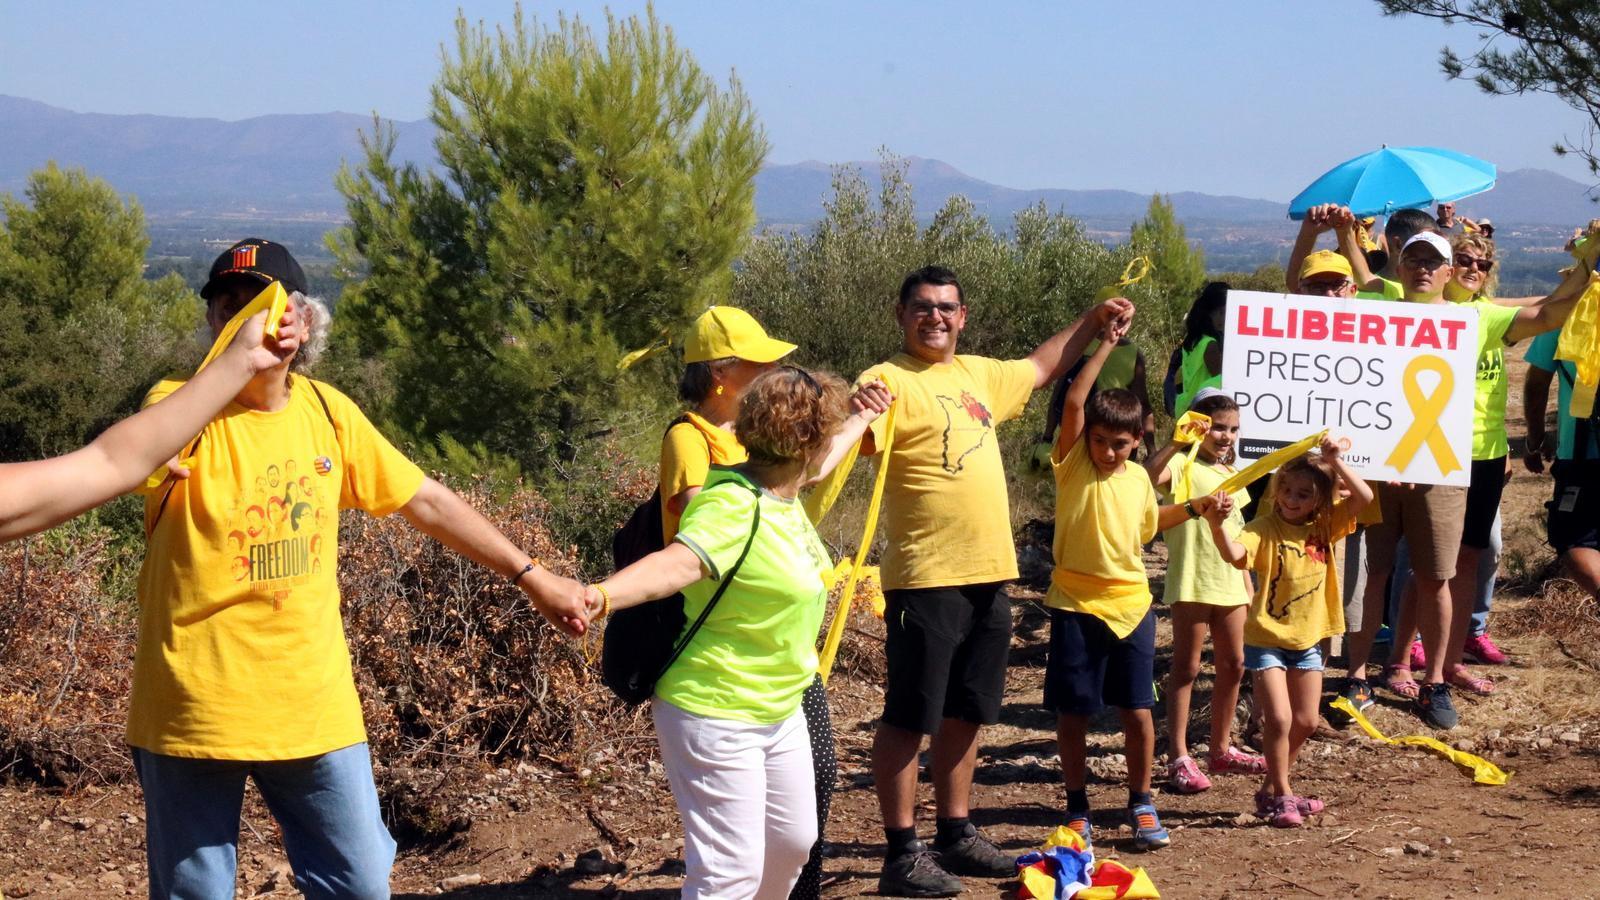 Alguns dels participants de l'encerclada aquest diumenge a Puig de les Basses.